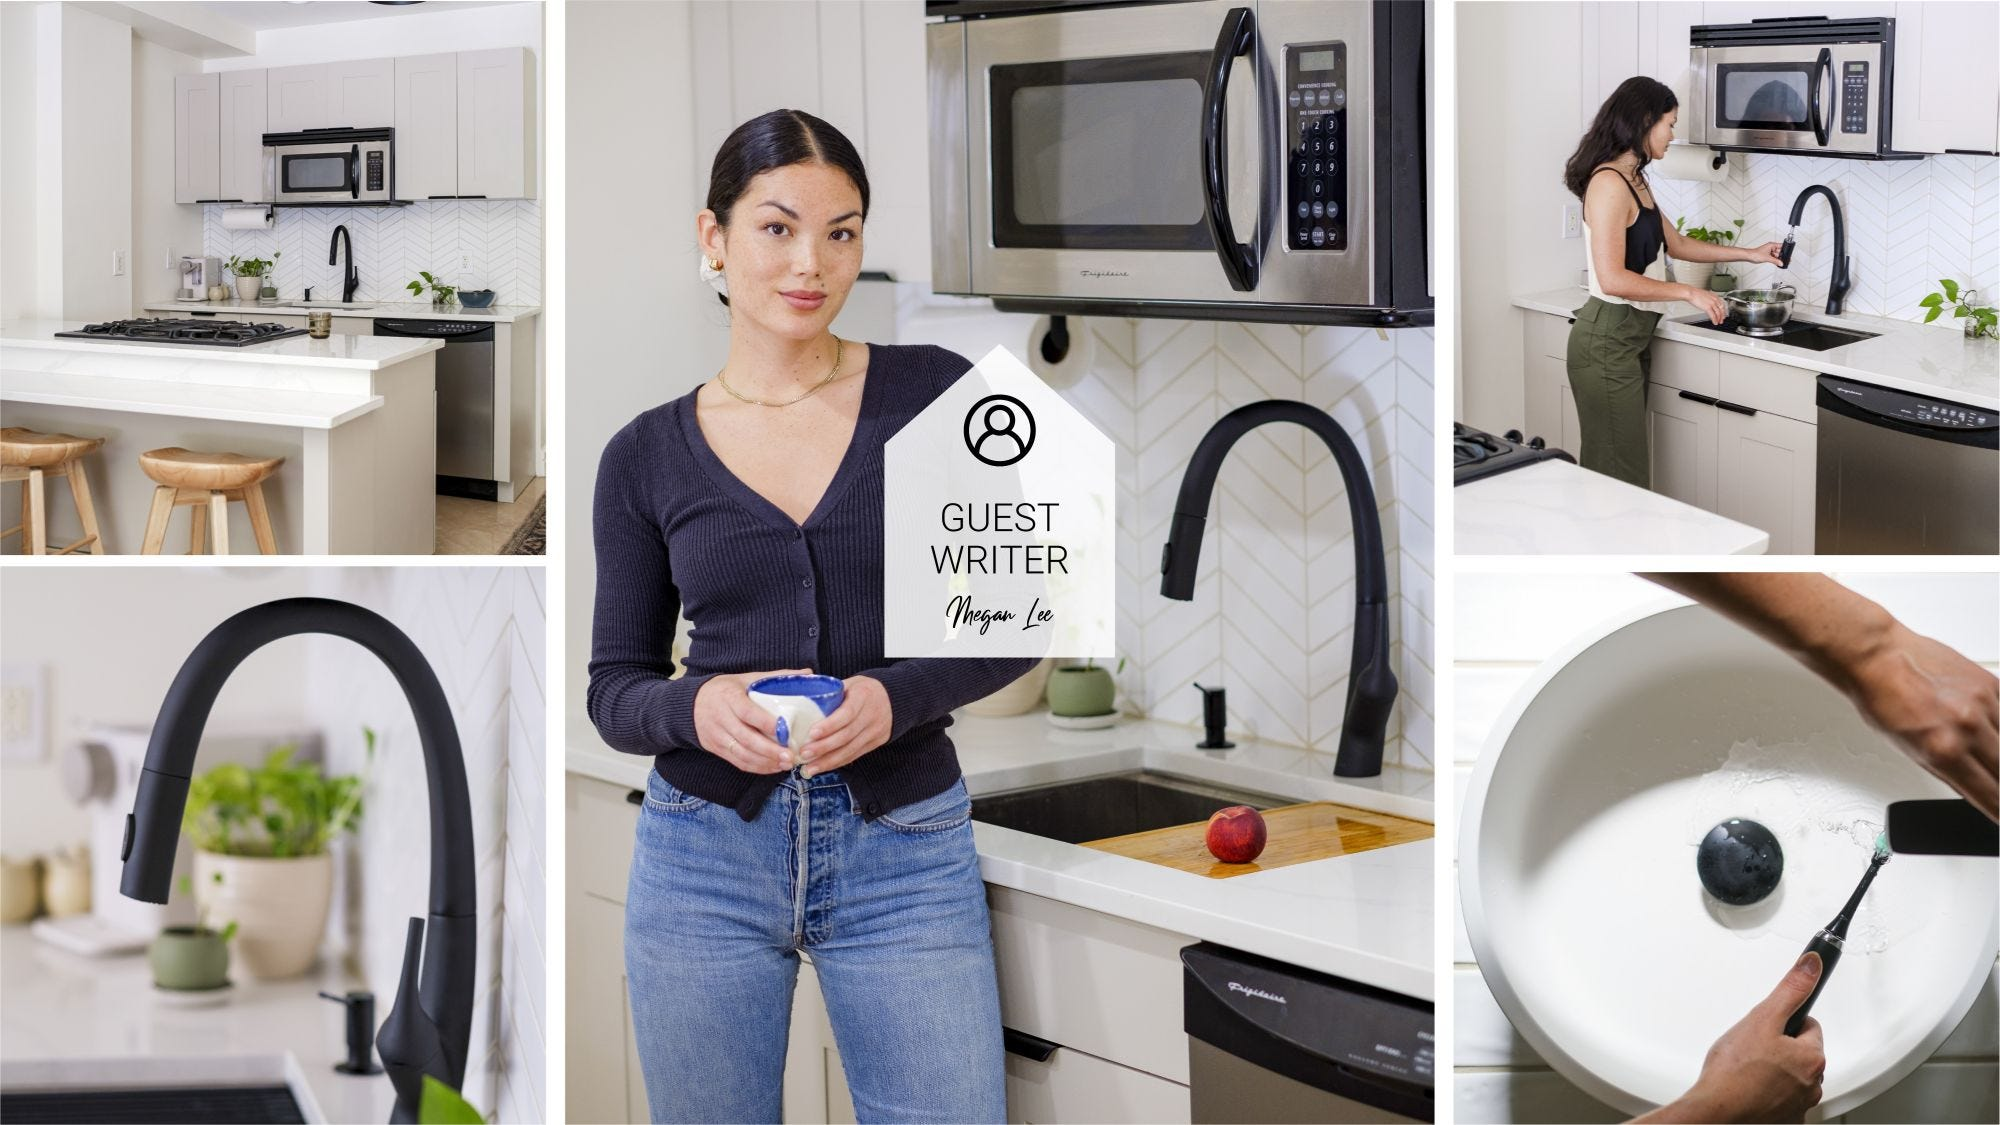 DIY-Kitchen-and-Bathroom-Renovation-in-Brooklyn-Condo-01